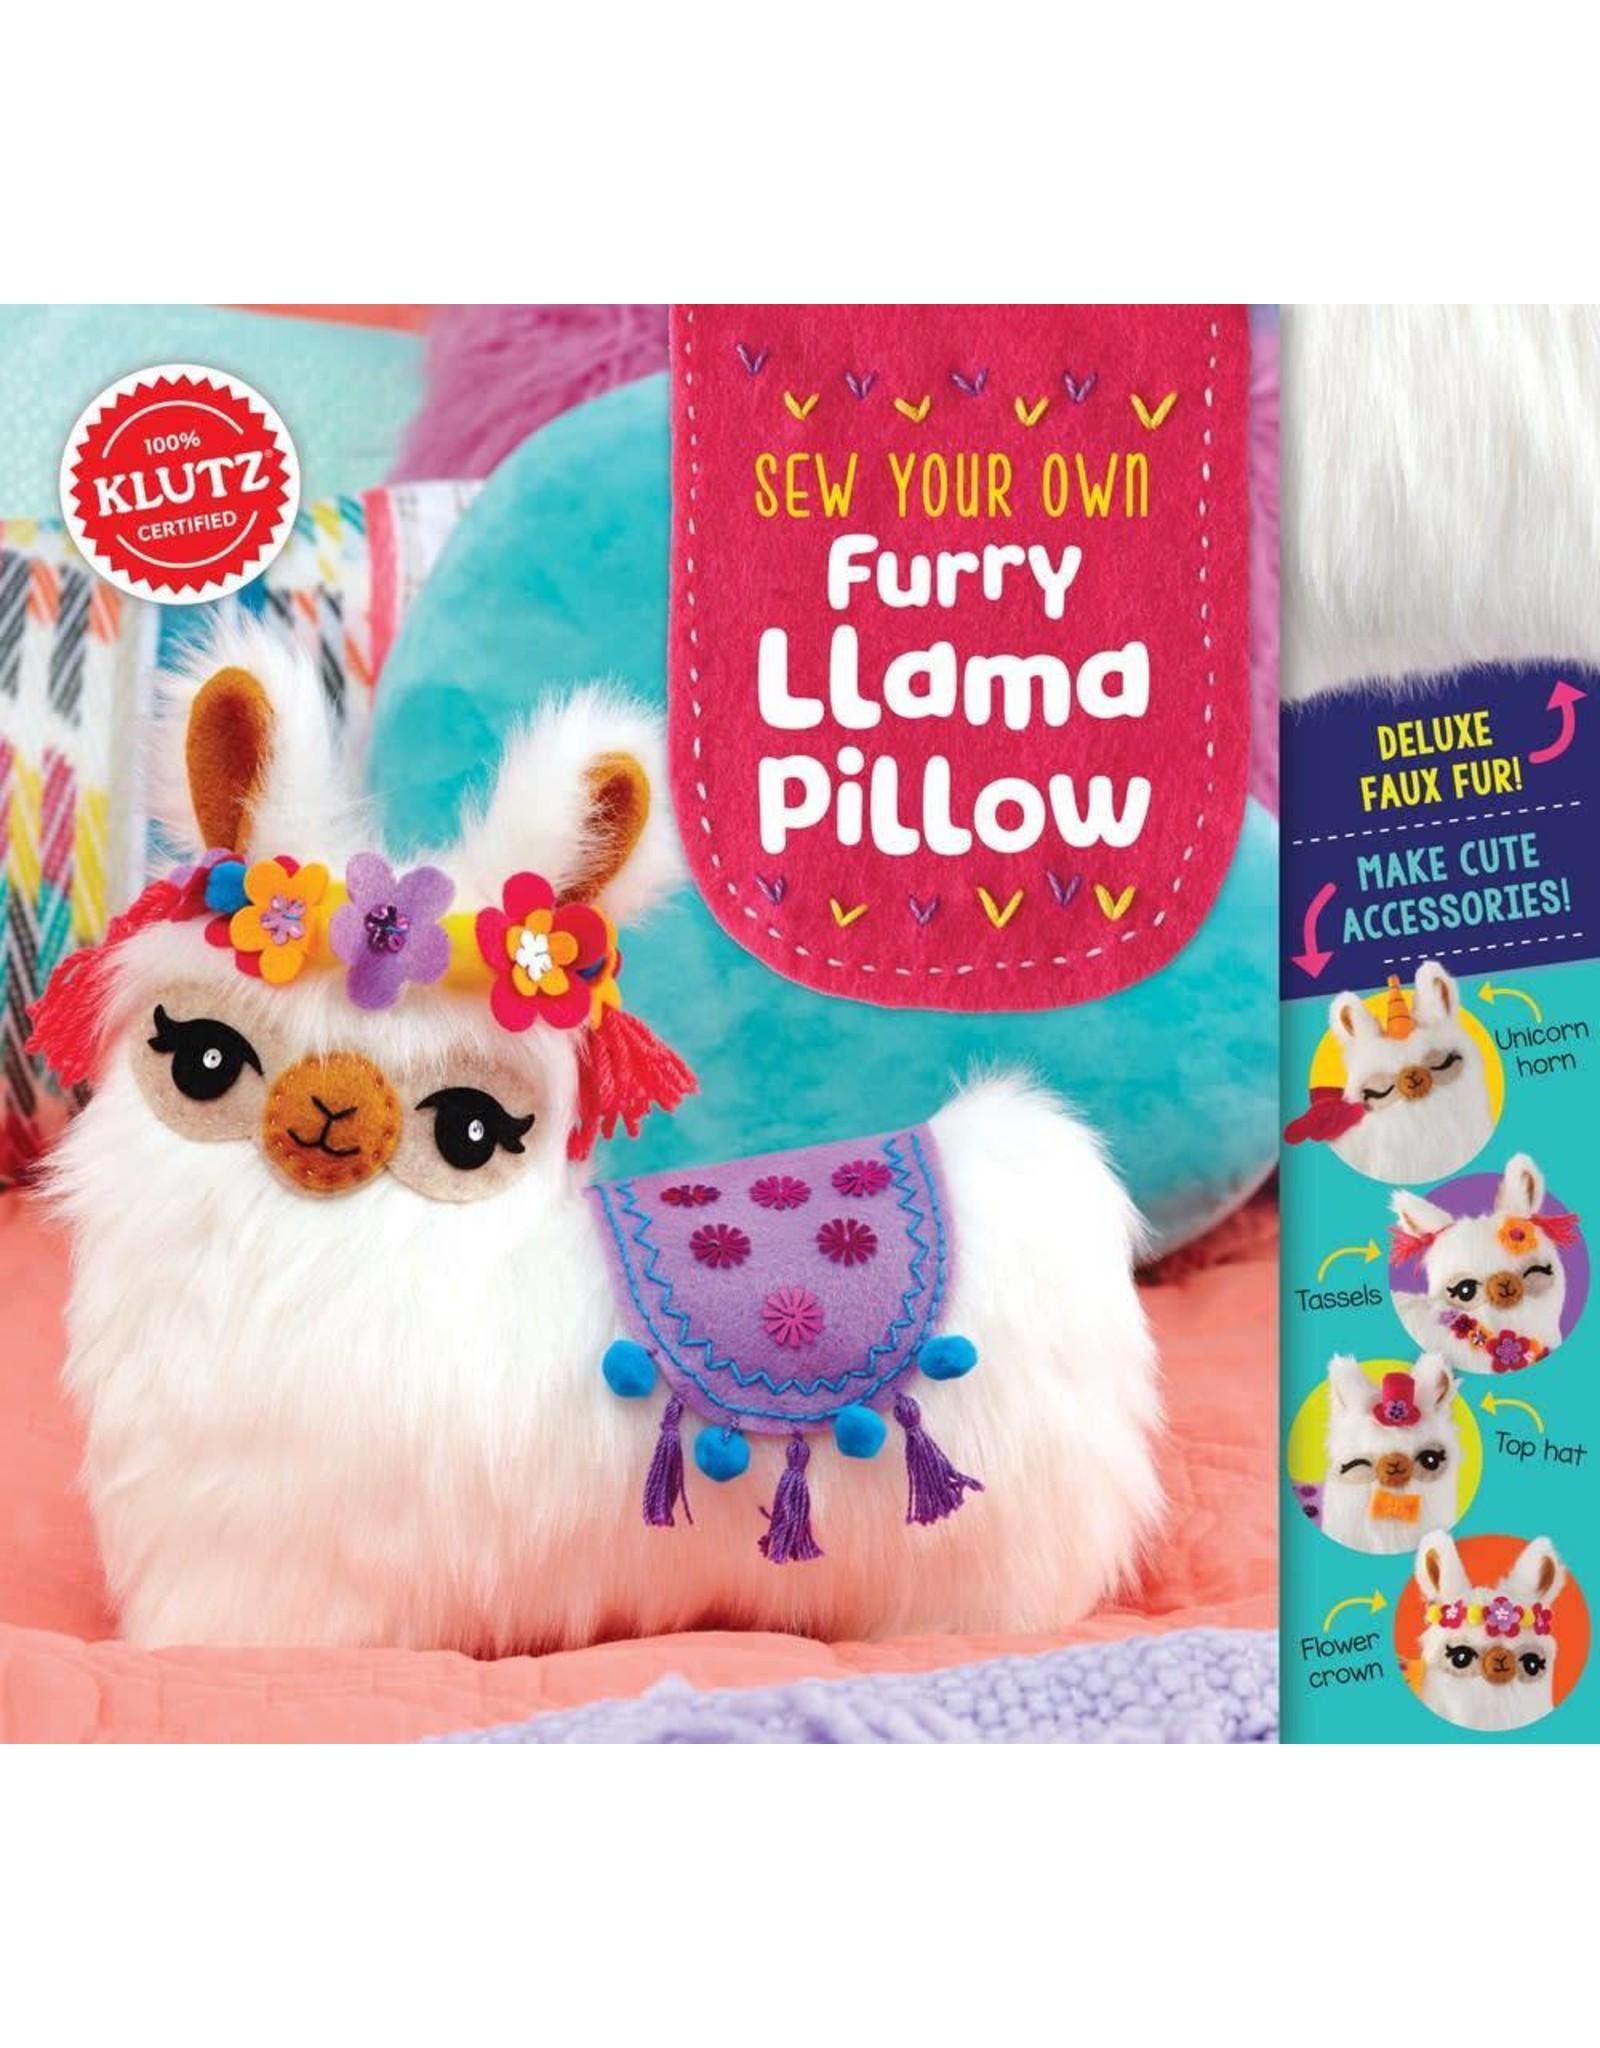 Klutz Sew Your Own Llama